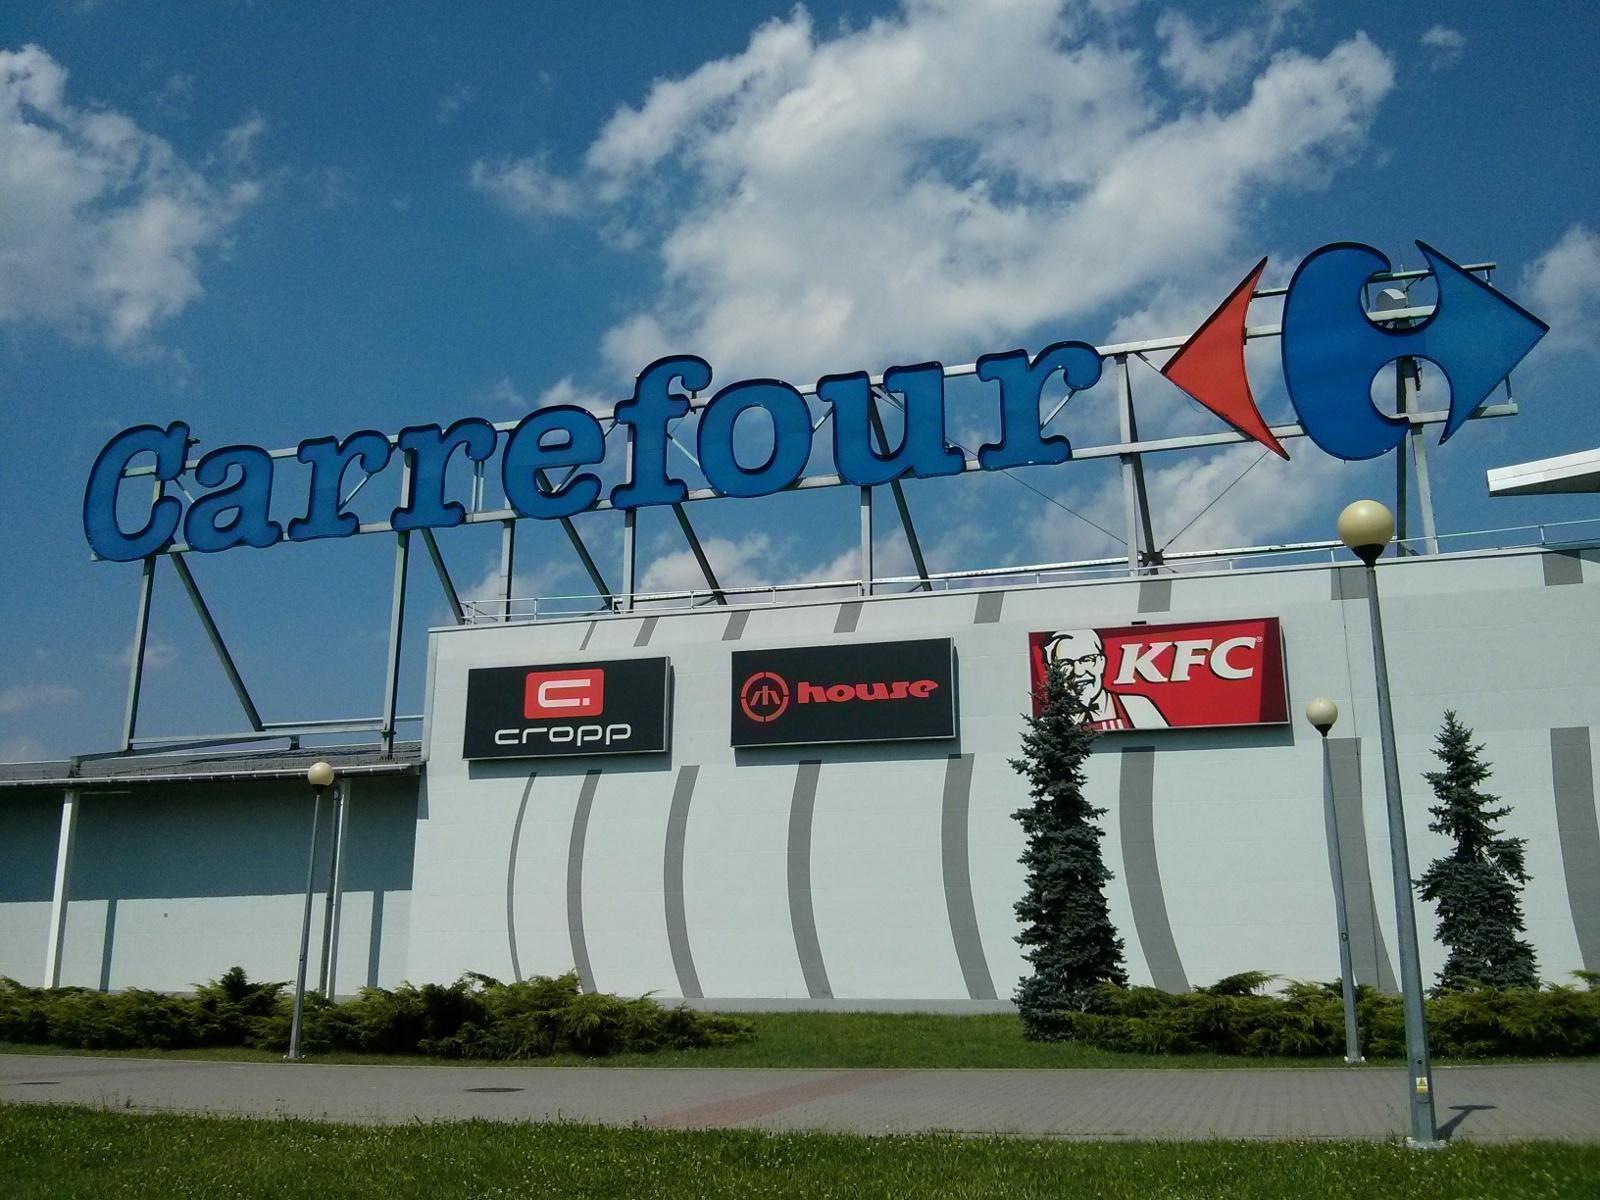 Cropp, House i KFC w centrum handlowym Czyżyny